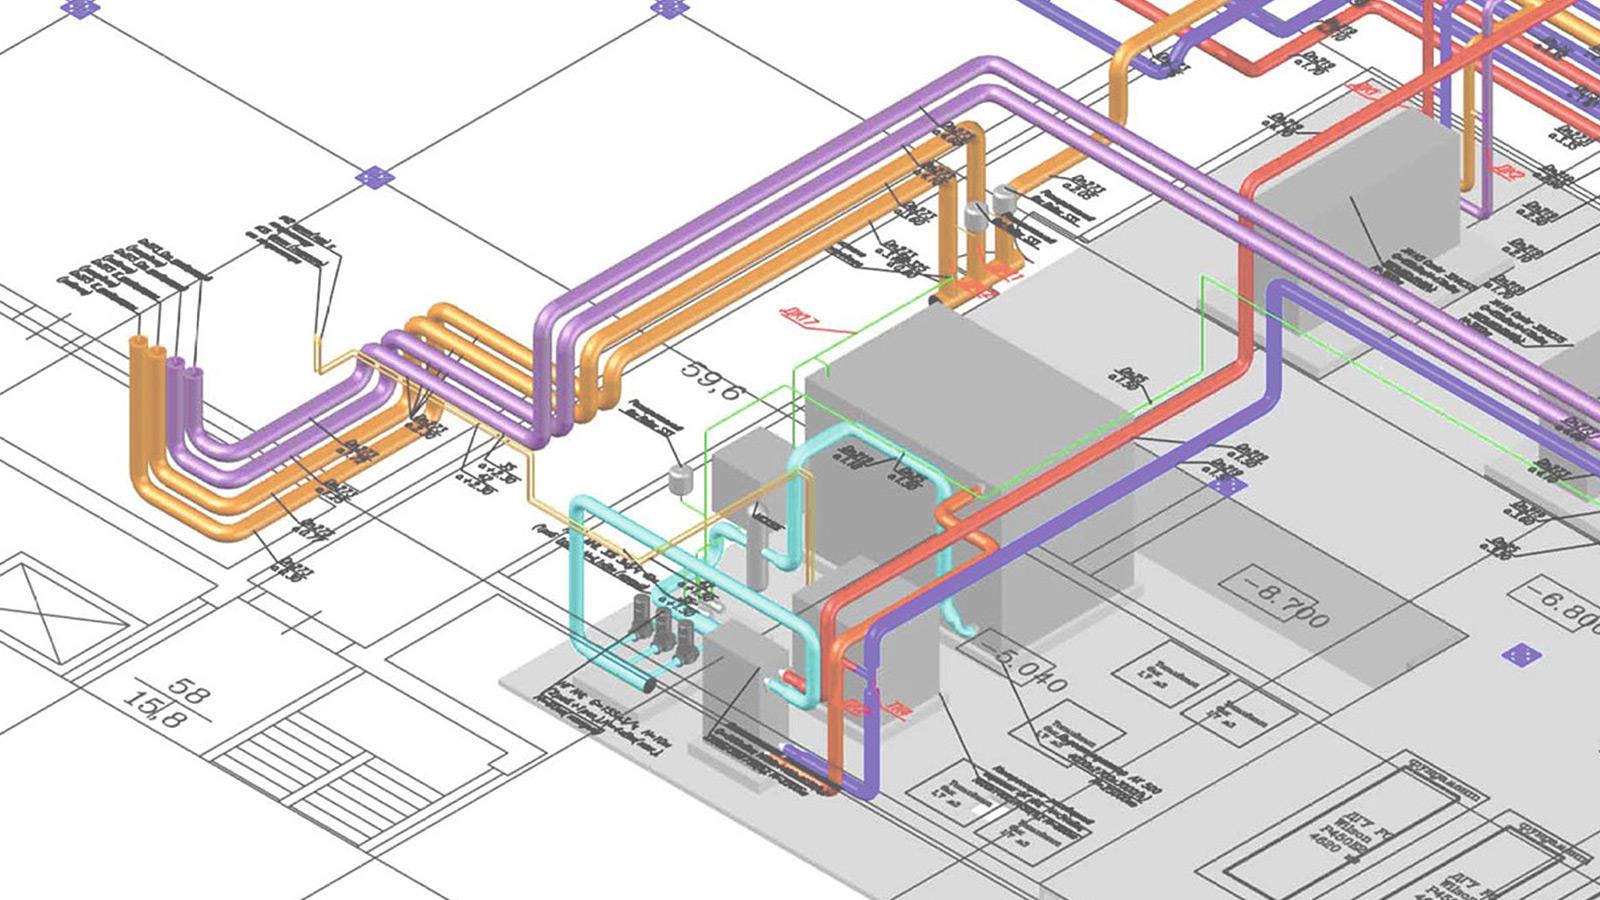 В подмосковном Рошале начнется проектировка четырех водозаборных узлов